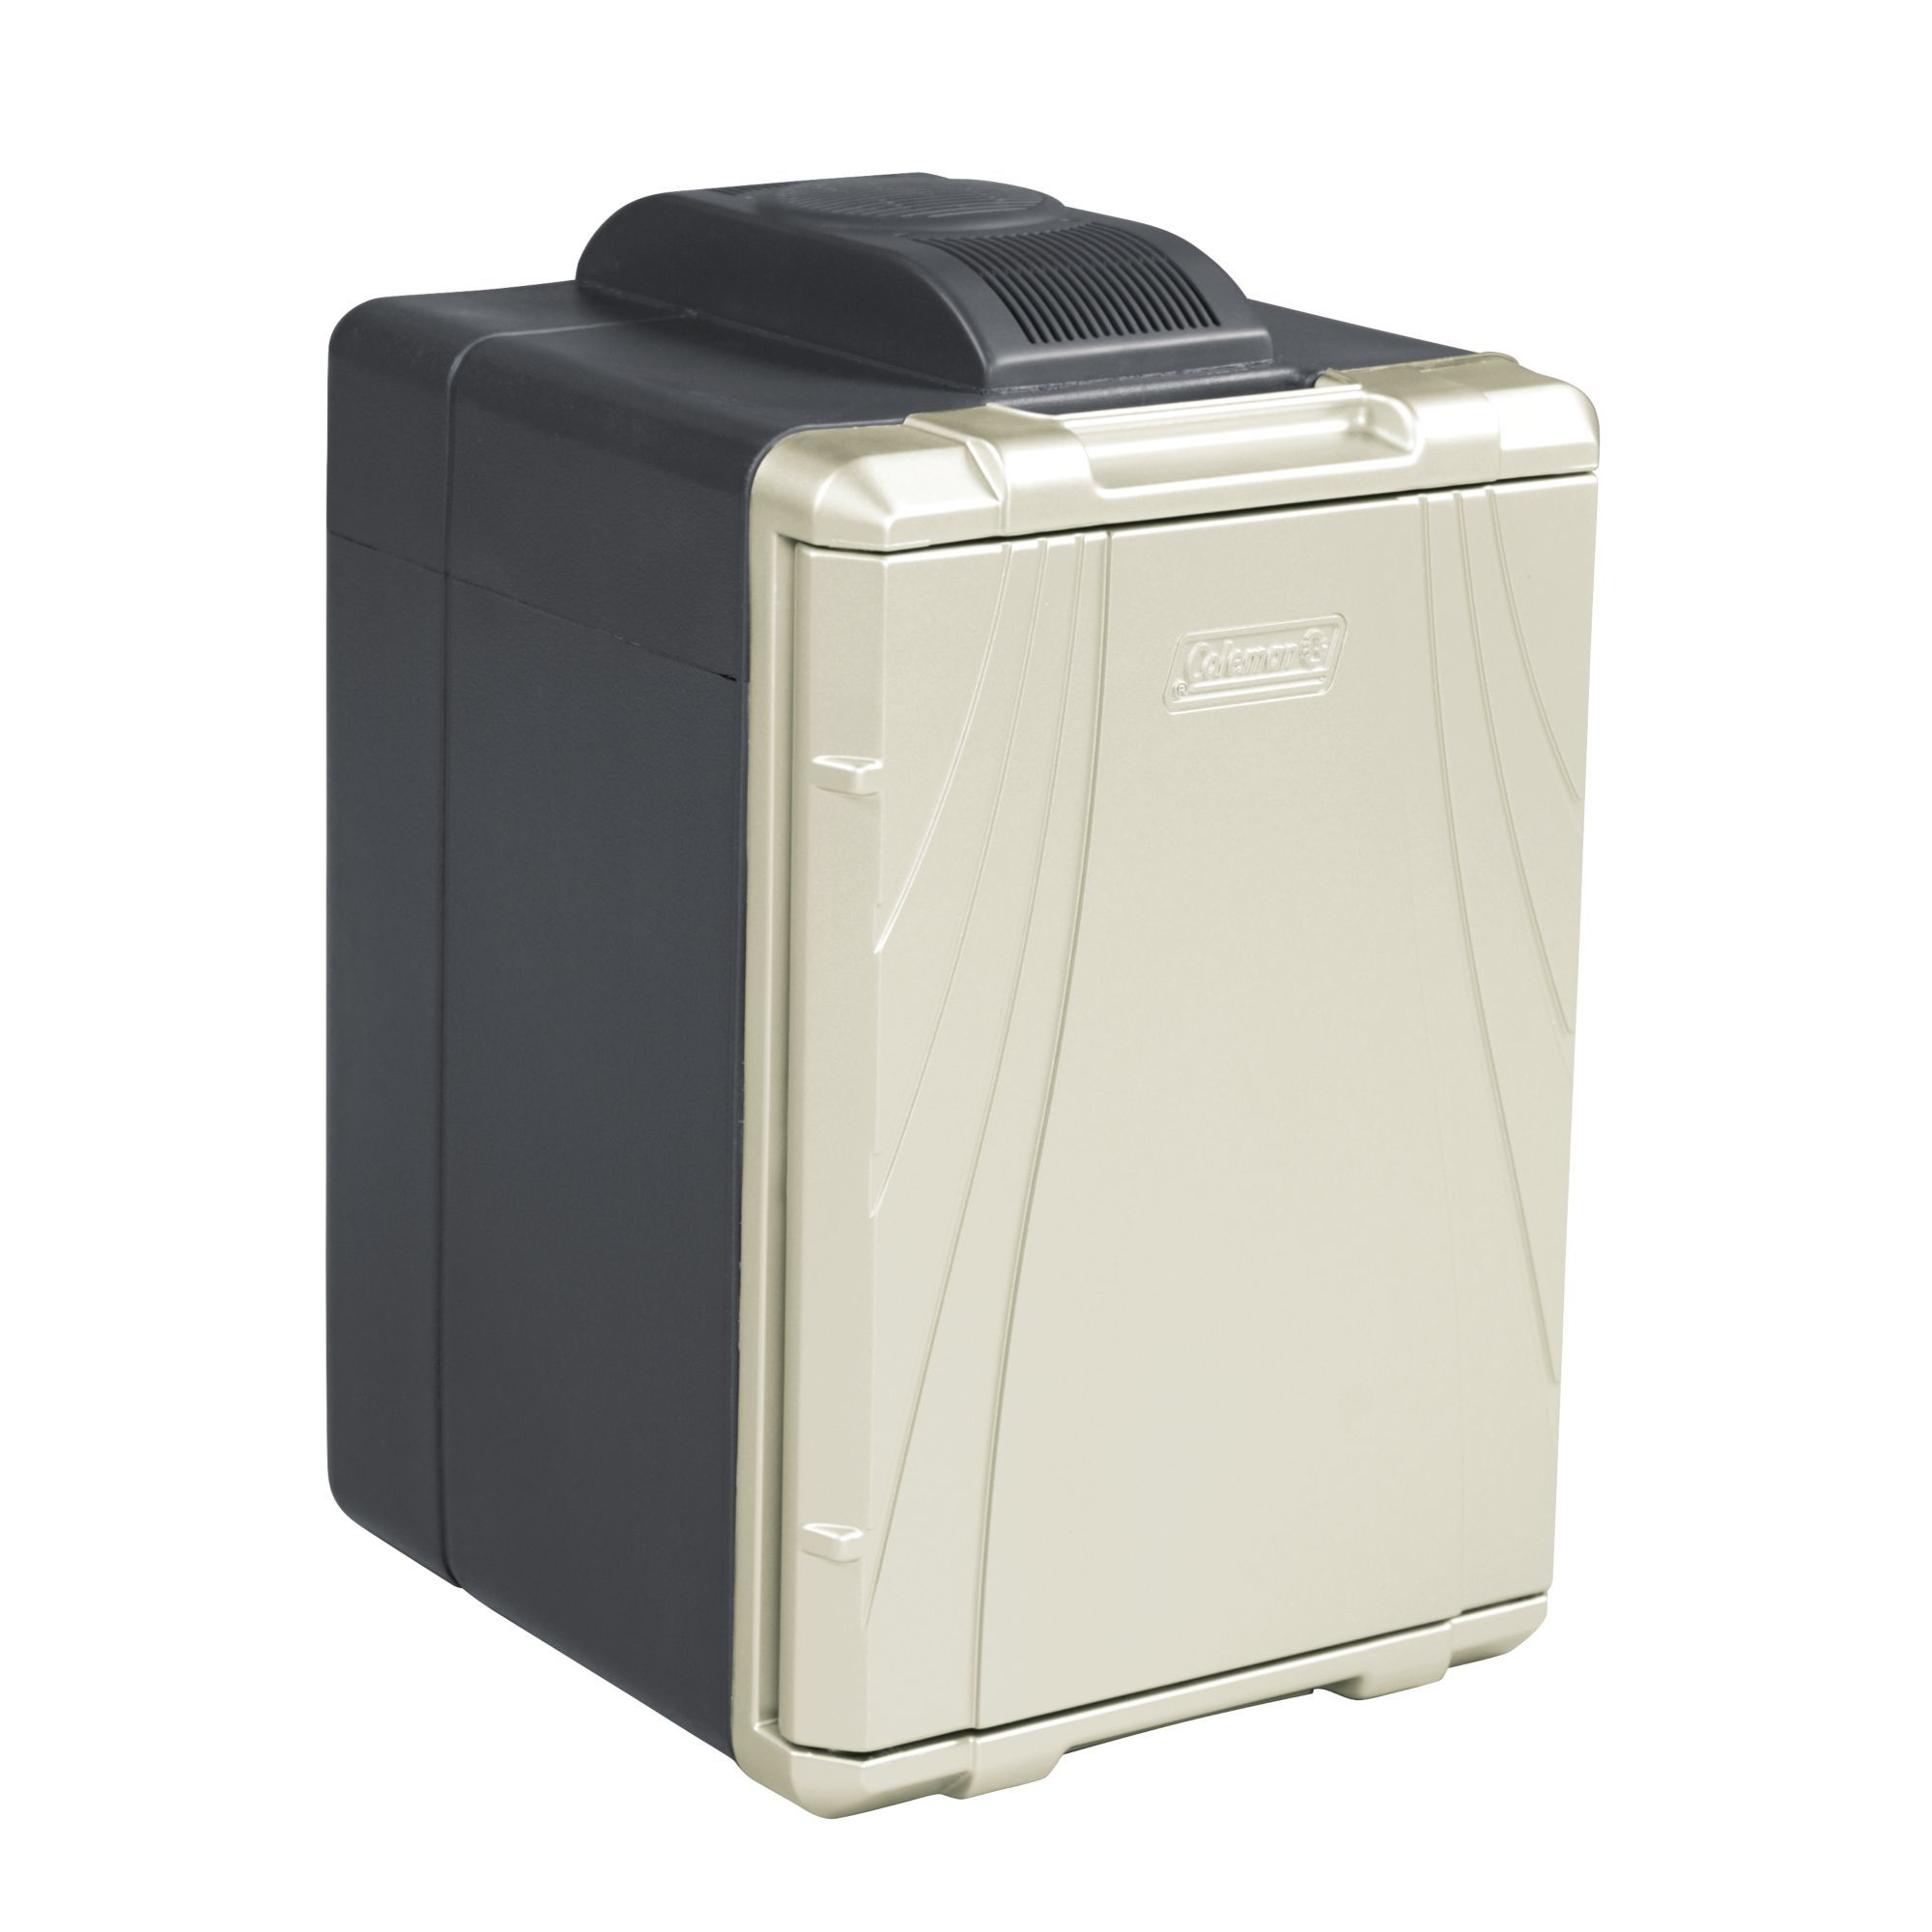 Холодильник автомобильный Coleman 40 QUART POWERCHILL™ THERMOELECTRIC (37,85 л) (+ Четыре аккумулятора холода в подарок!)